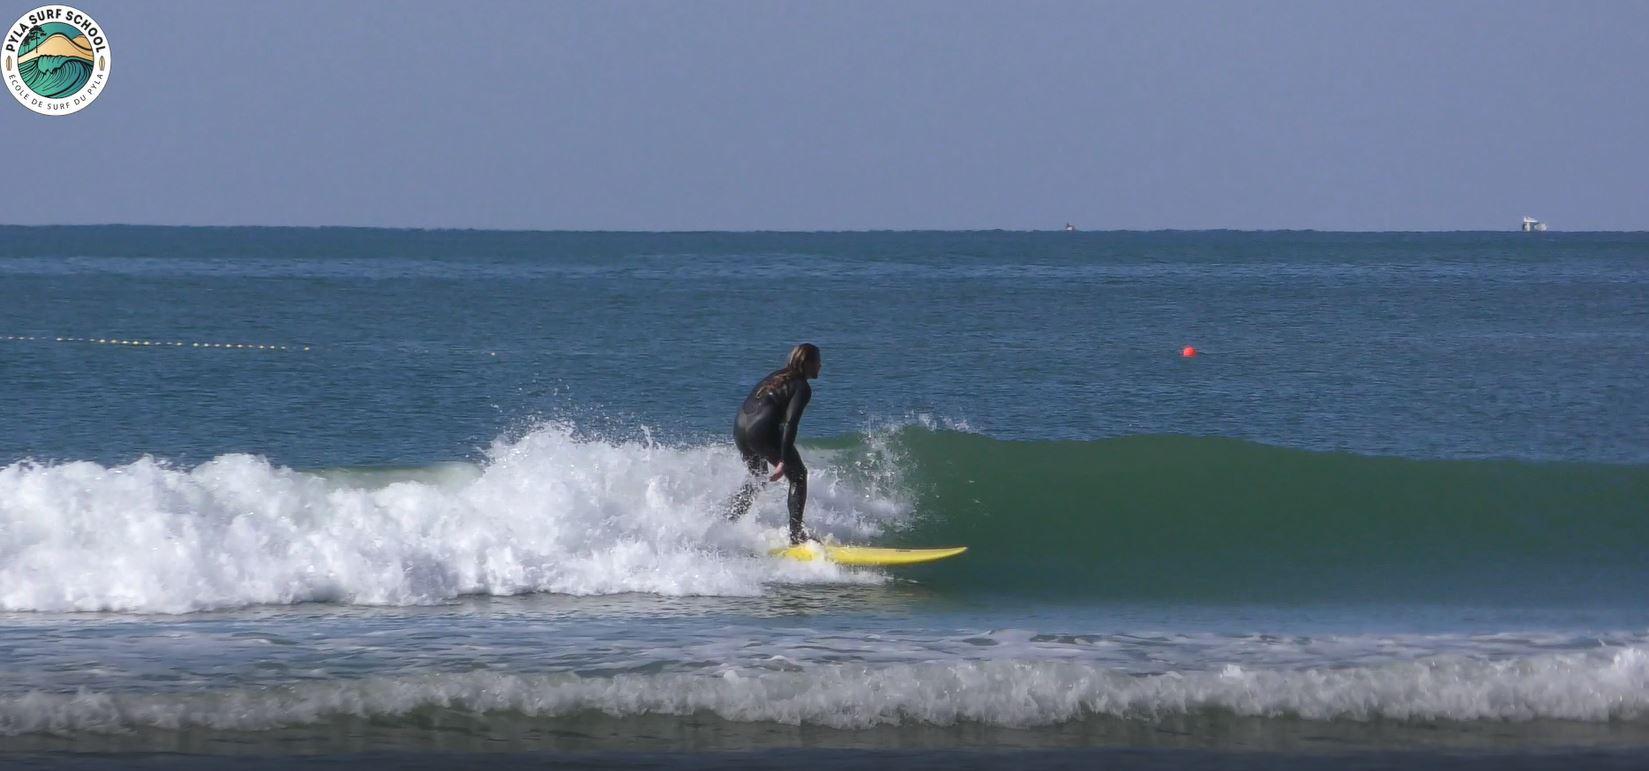 Longboard La Salie Ecole de Surf Pyla Arcachon